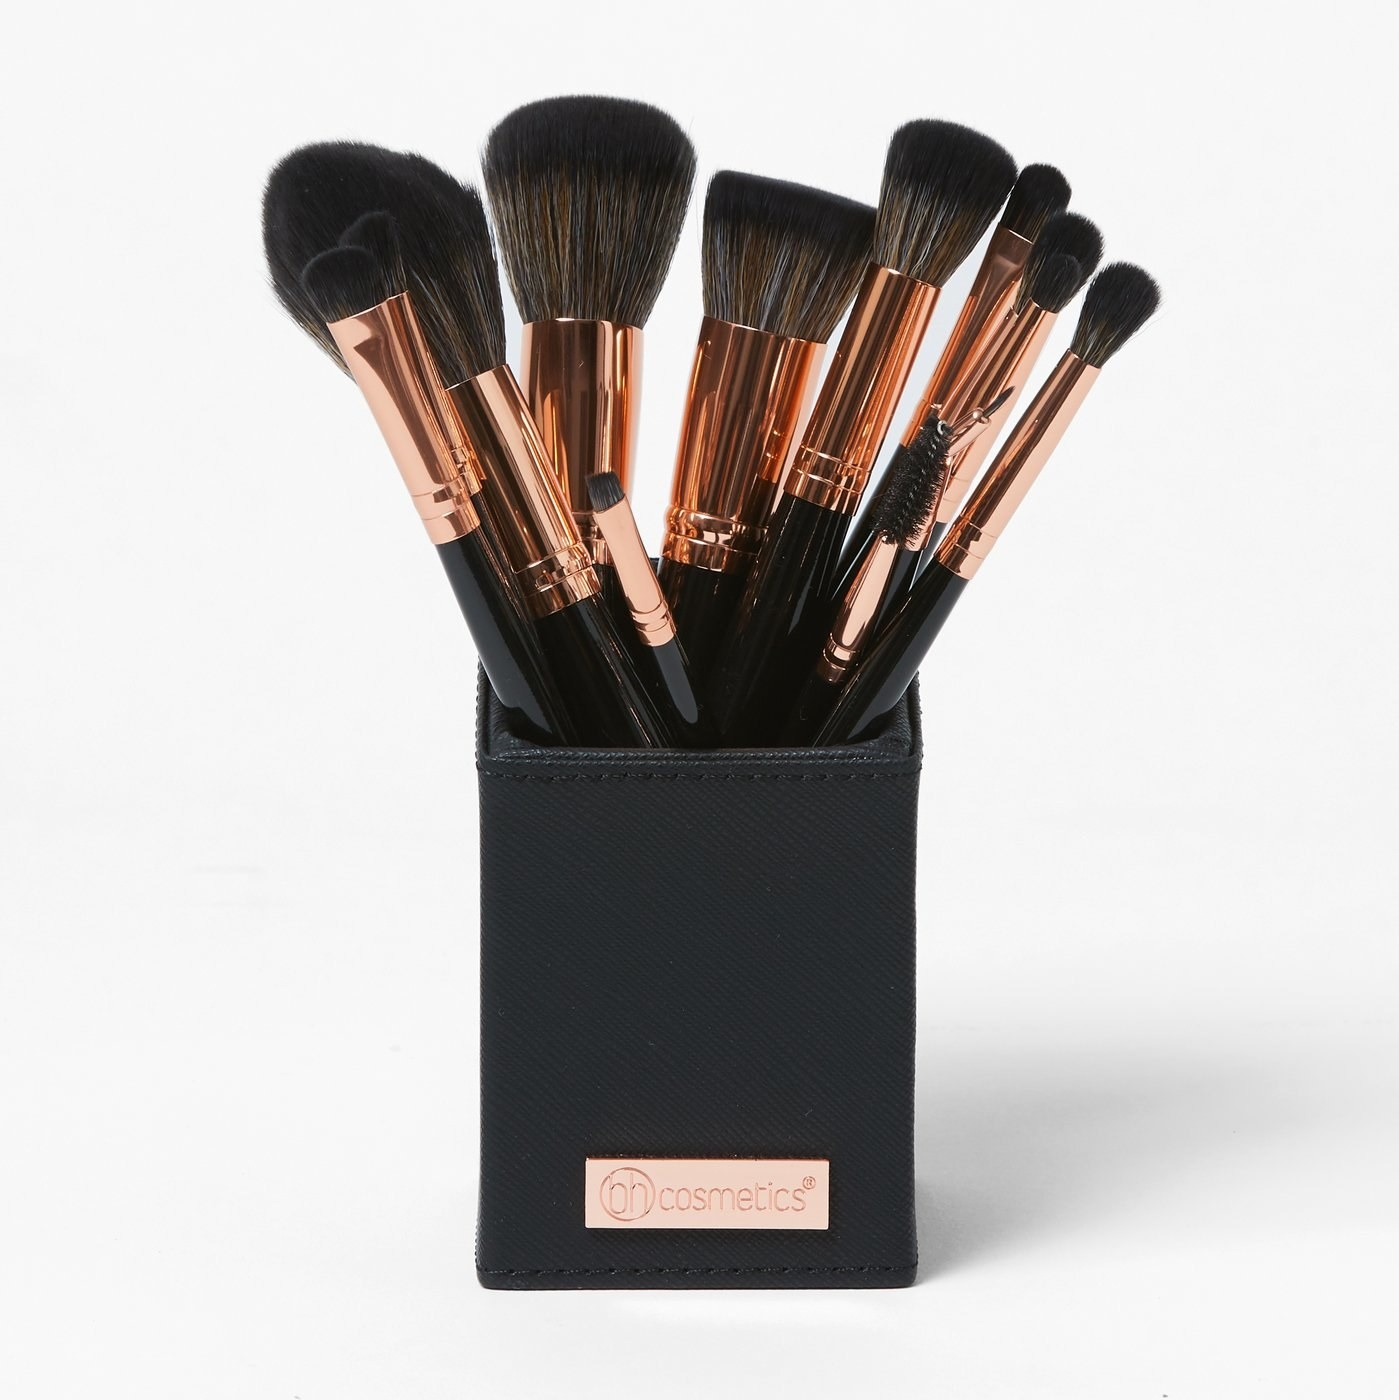 BH Cosmetics Rose Gold Makeup Brush Set